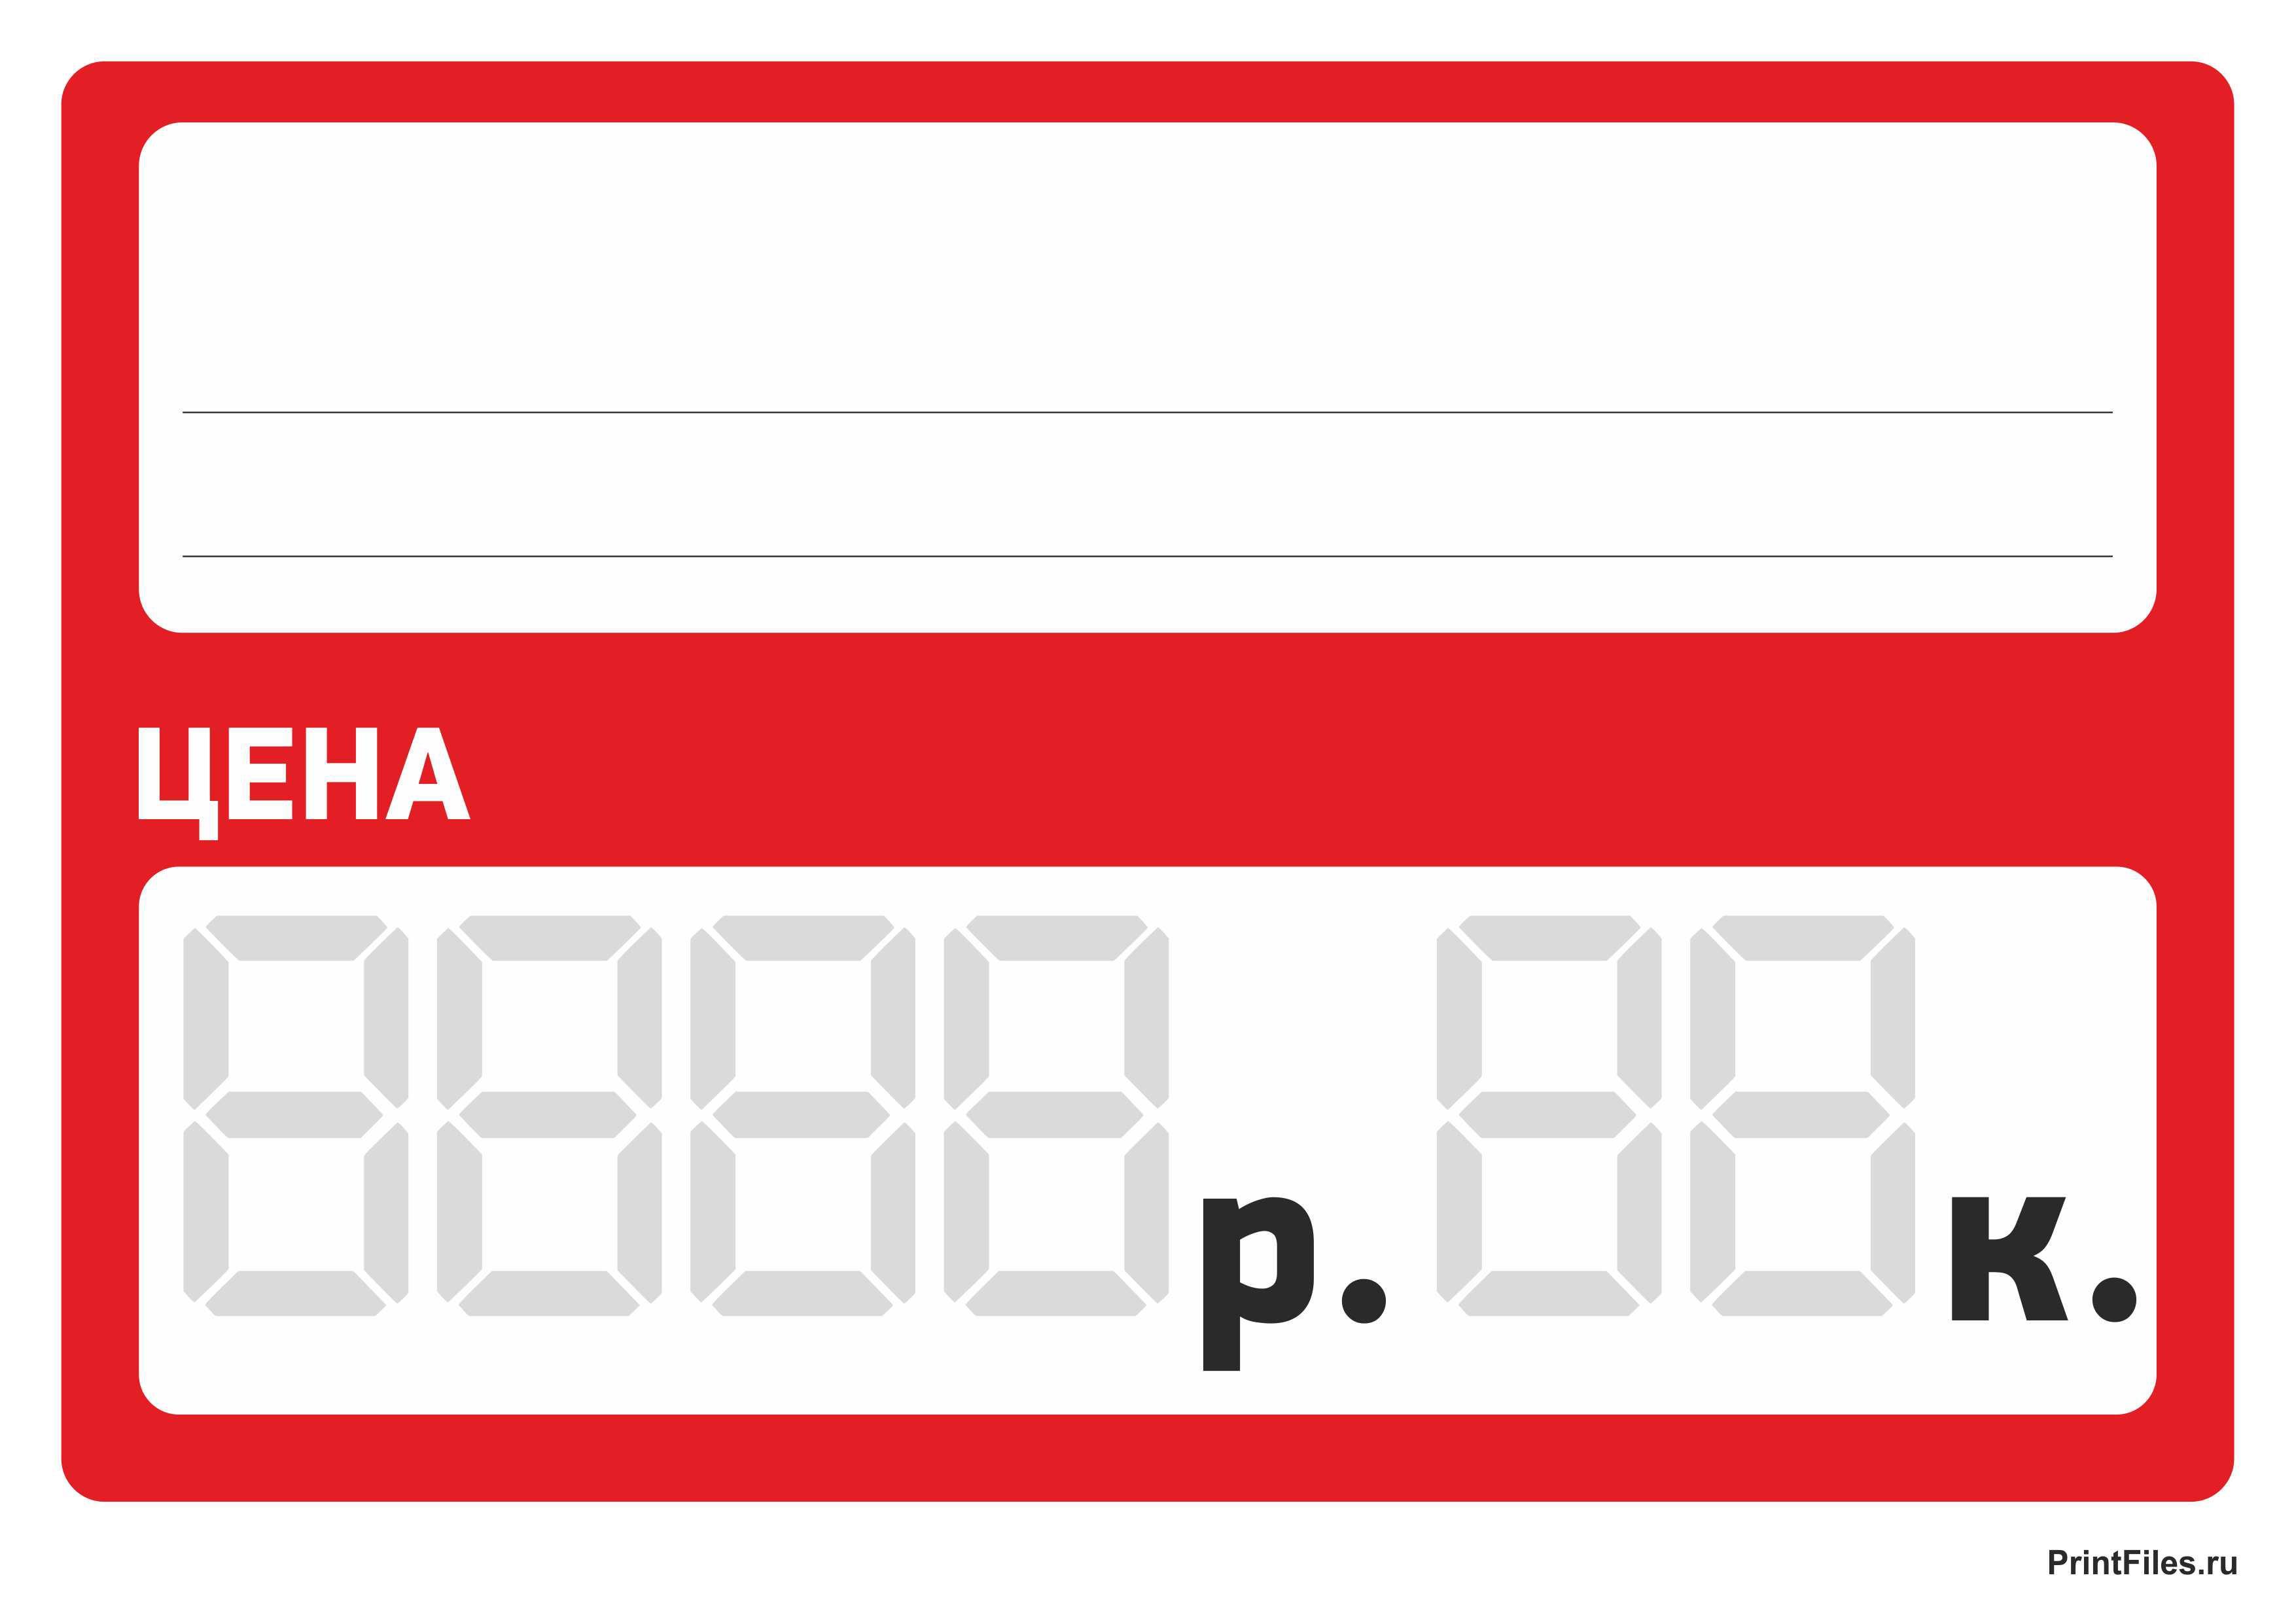 Ценники онлайн печать шаблоны, быстрей